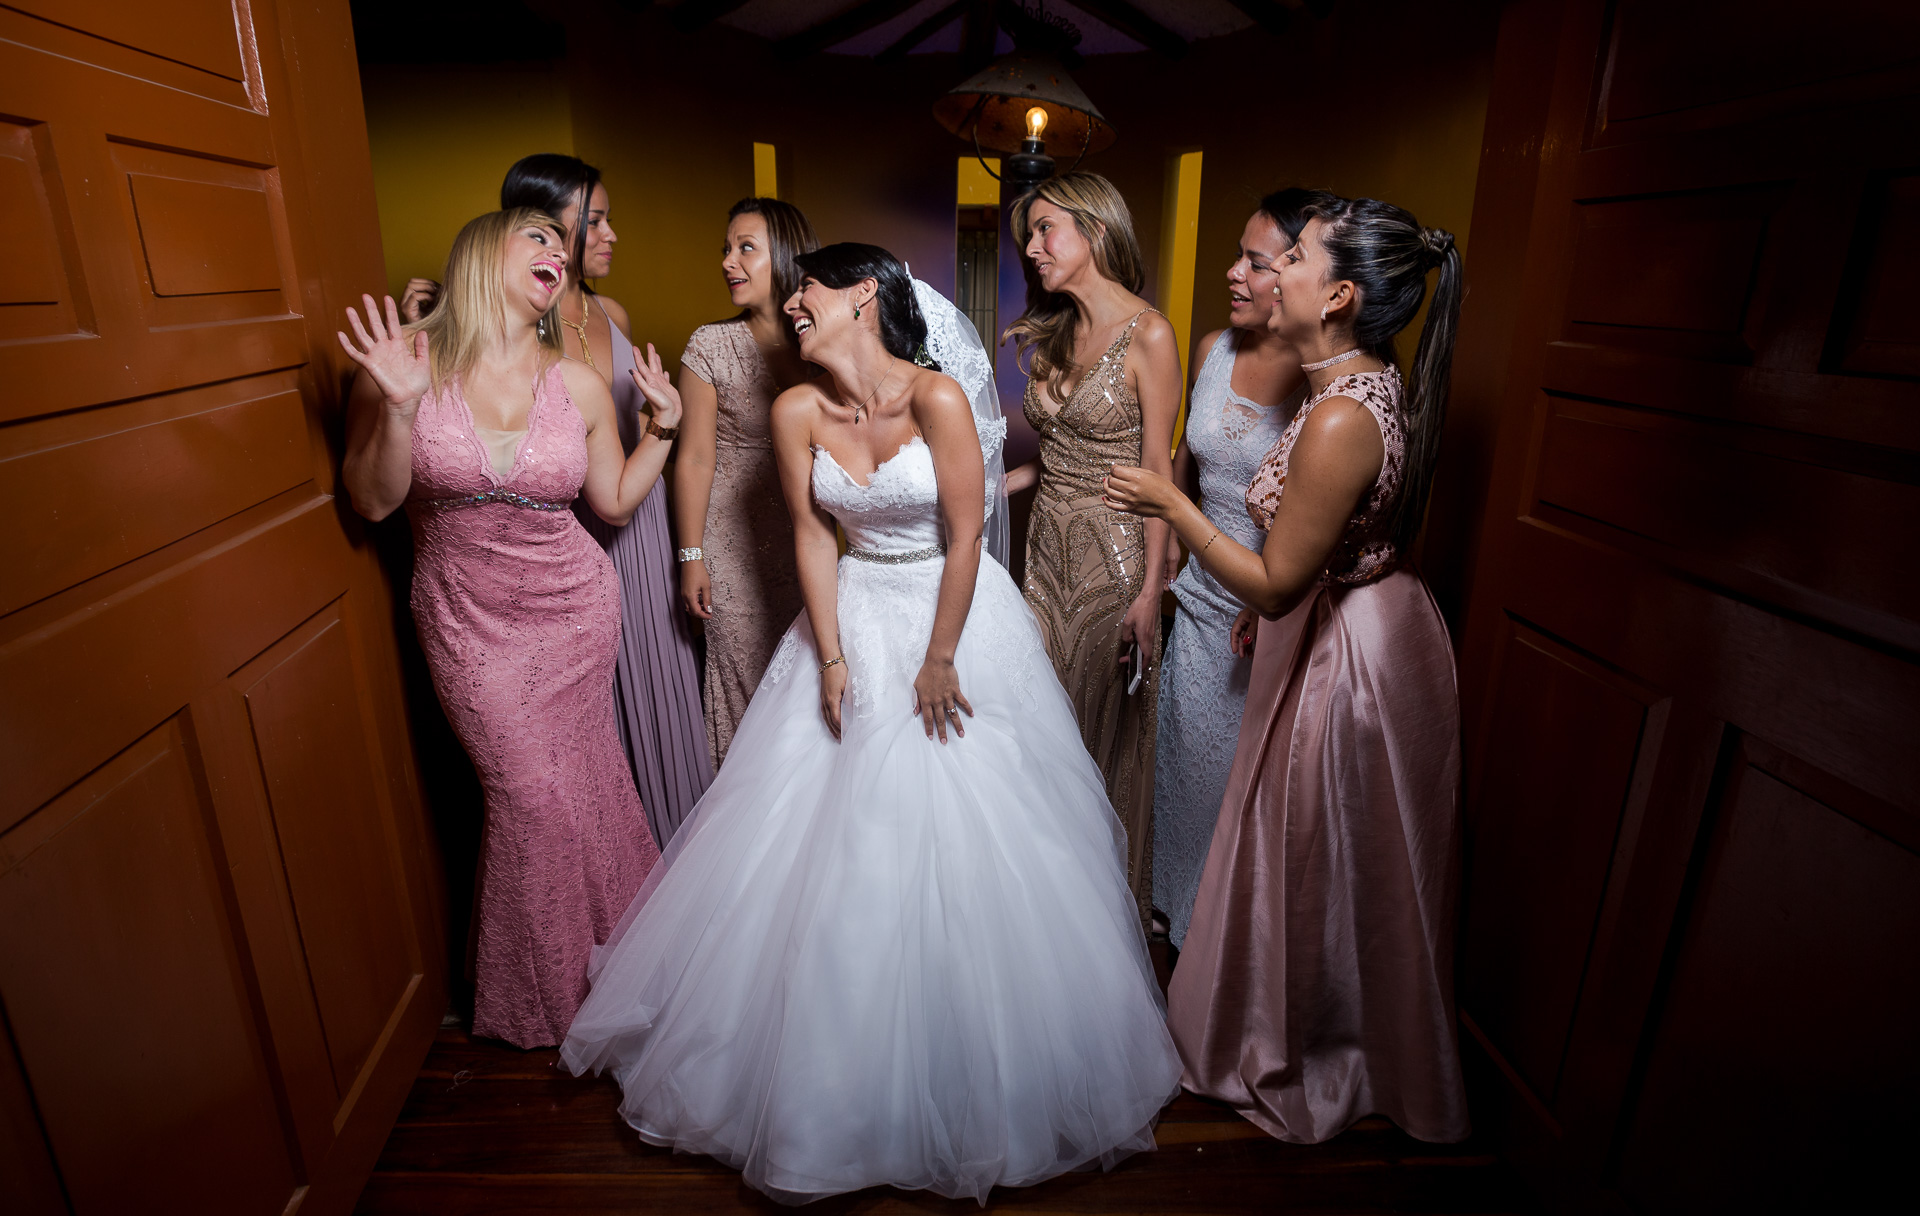 Fotógrafos-de-bodas-en-Colombia-Angela-y-Antonio-28 ANGELA Y ANTONIO